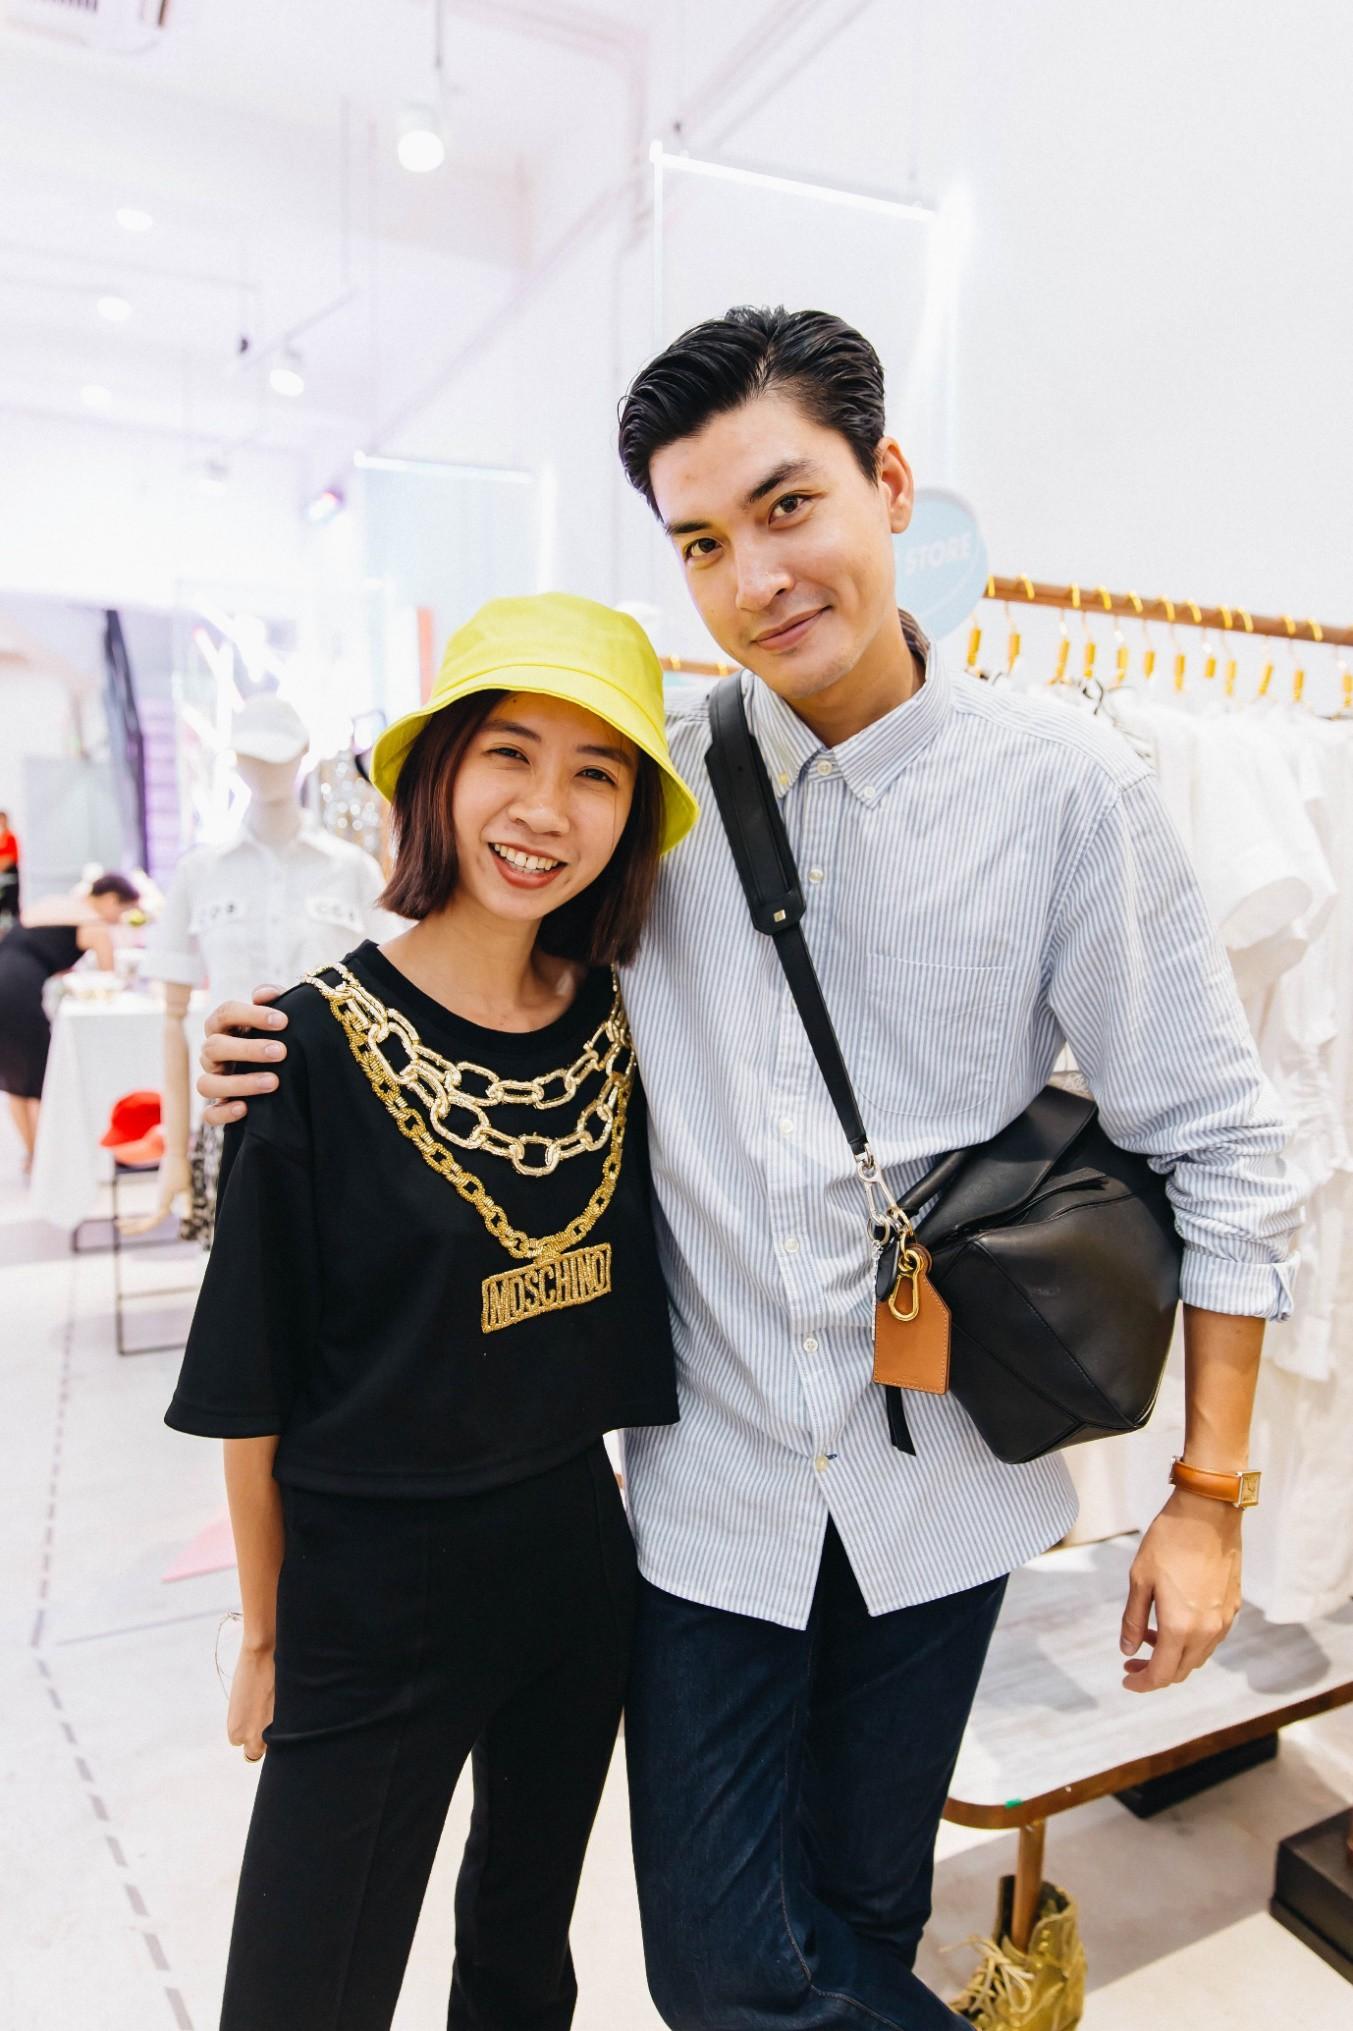 Lạc vào khu tổ hợp thời trang cực chất tại Sài Gòn - Ảnh 2.